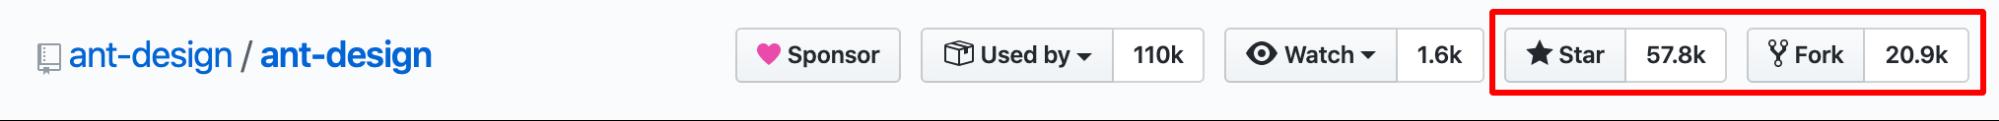 Ant Design has 57.8K GitHub Stars and 20.9K Forks